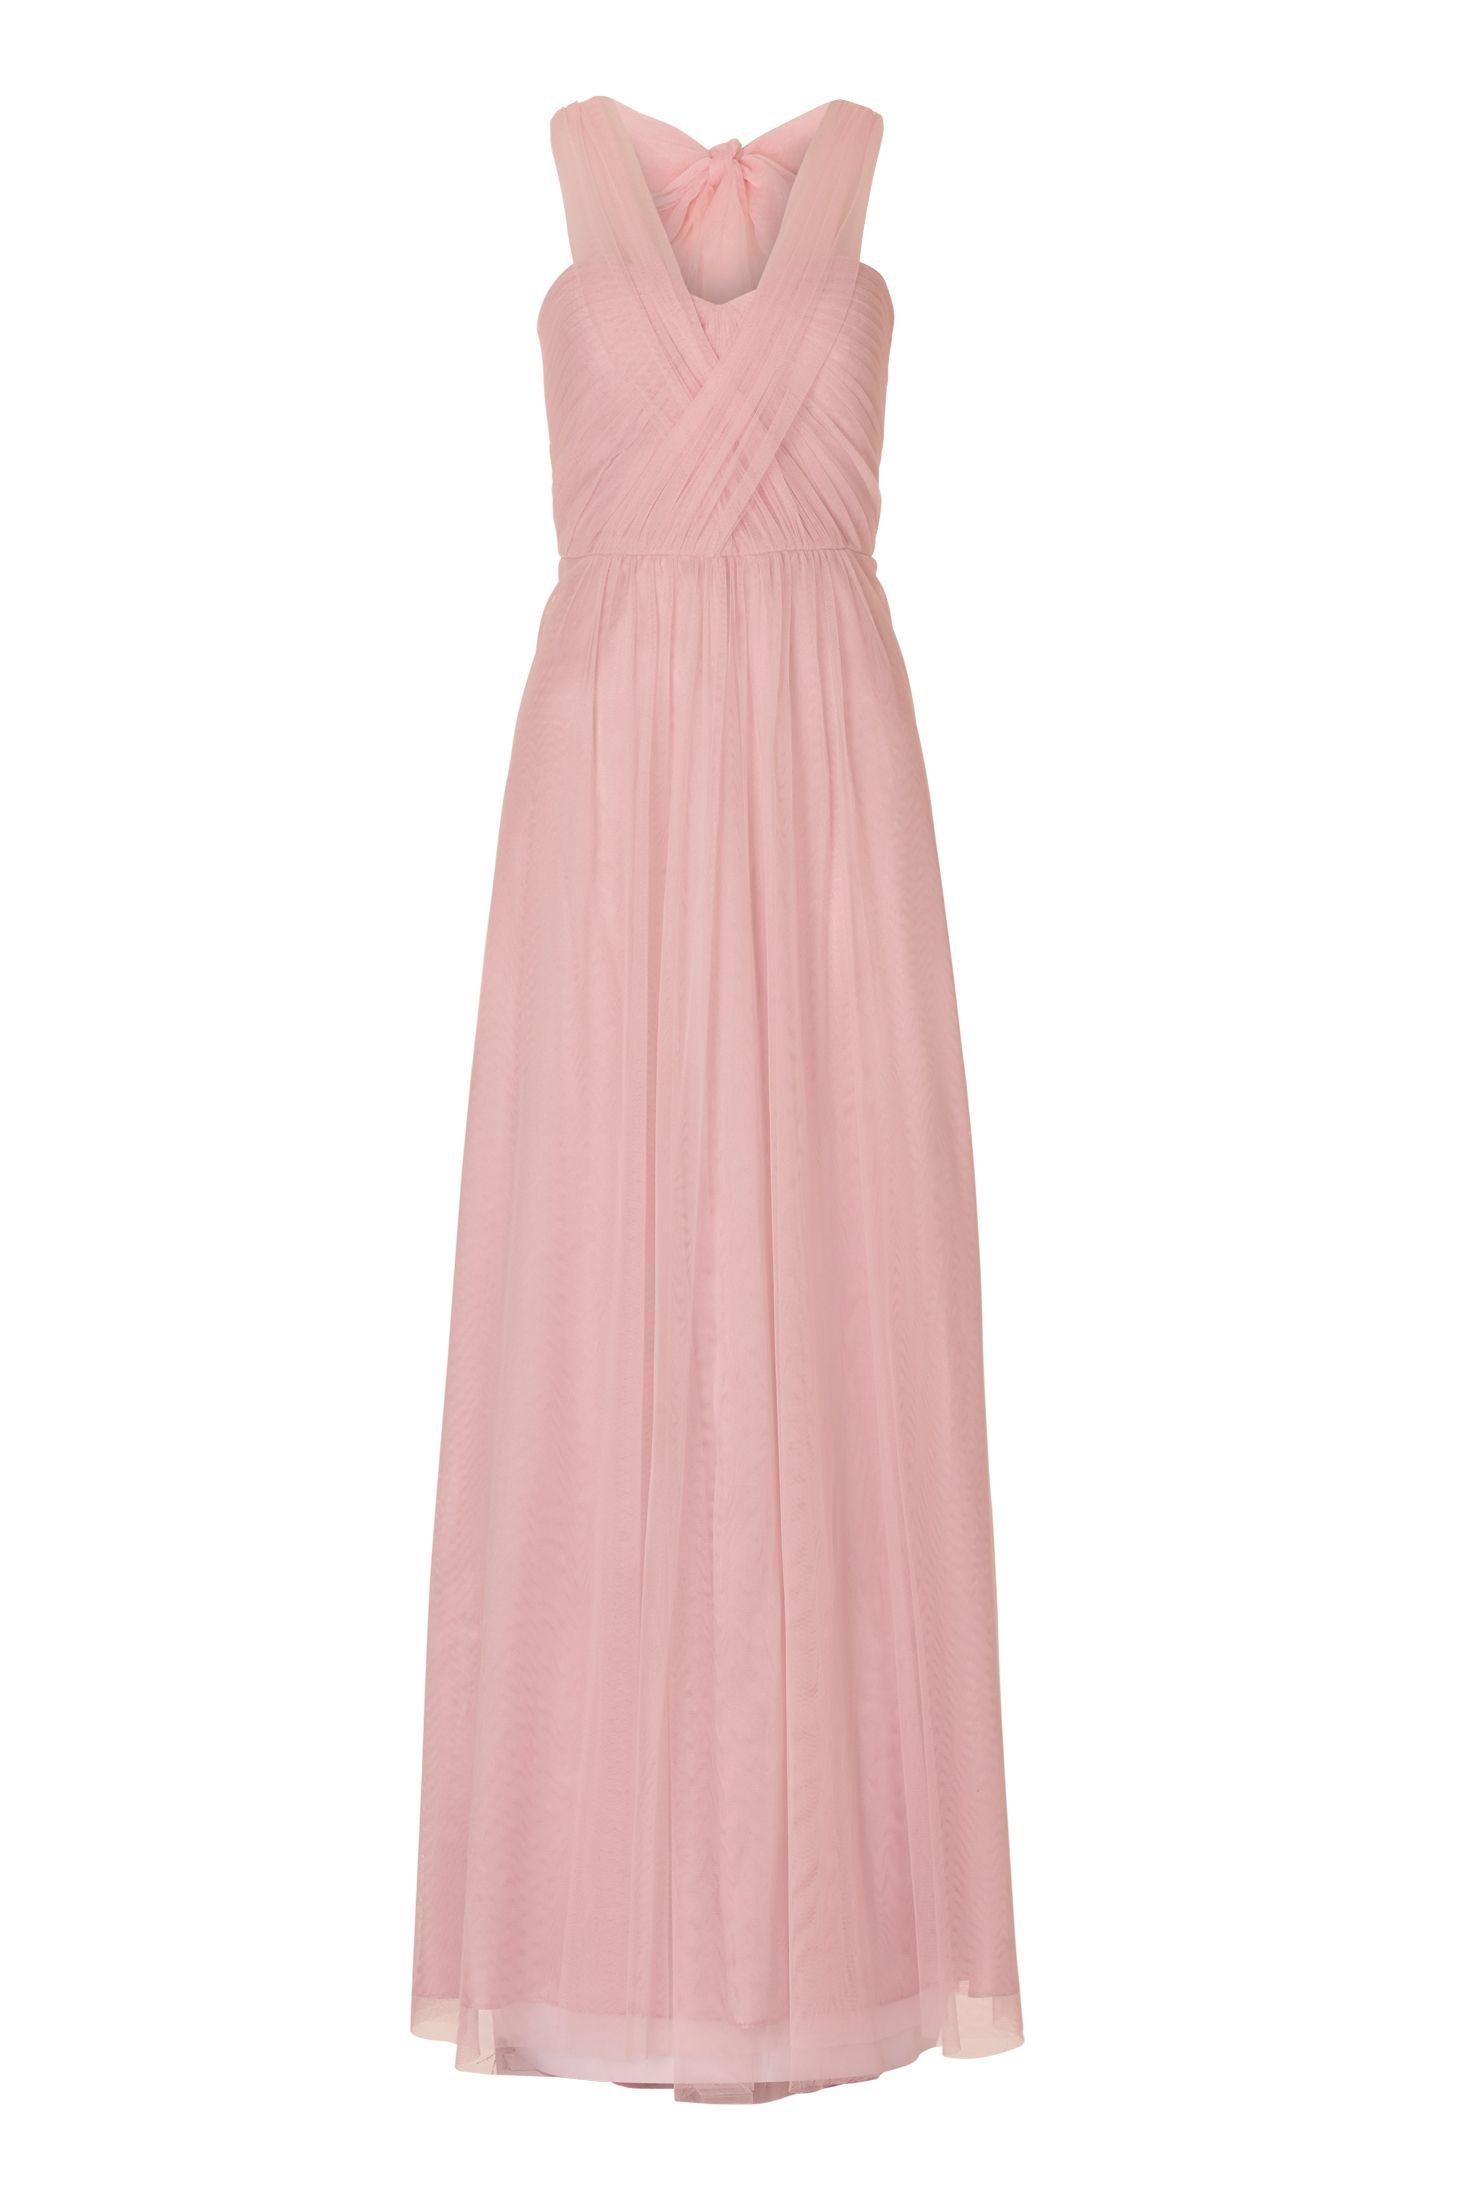 Wunderschones Tullkleid In Altrosa Von Vera Mont Mode Bosckens Abendkleid Langes Abendkleid Brautjungfern Kleider